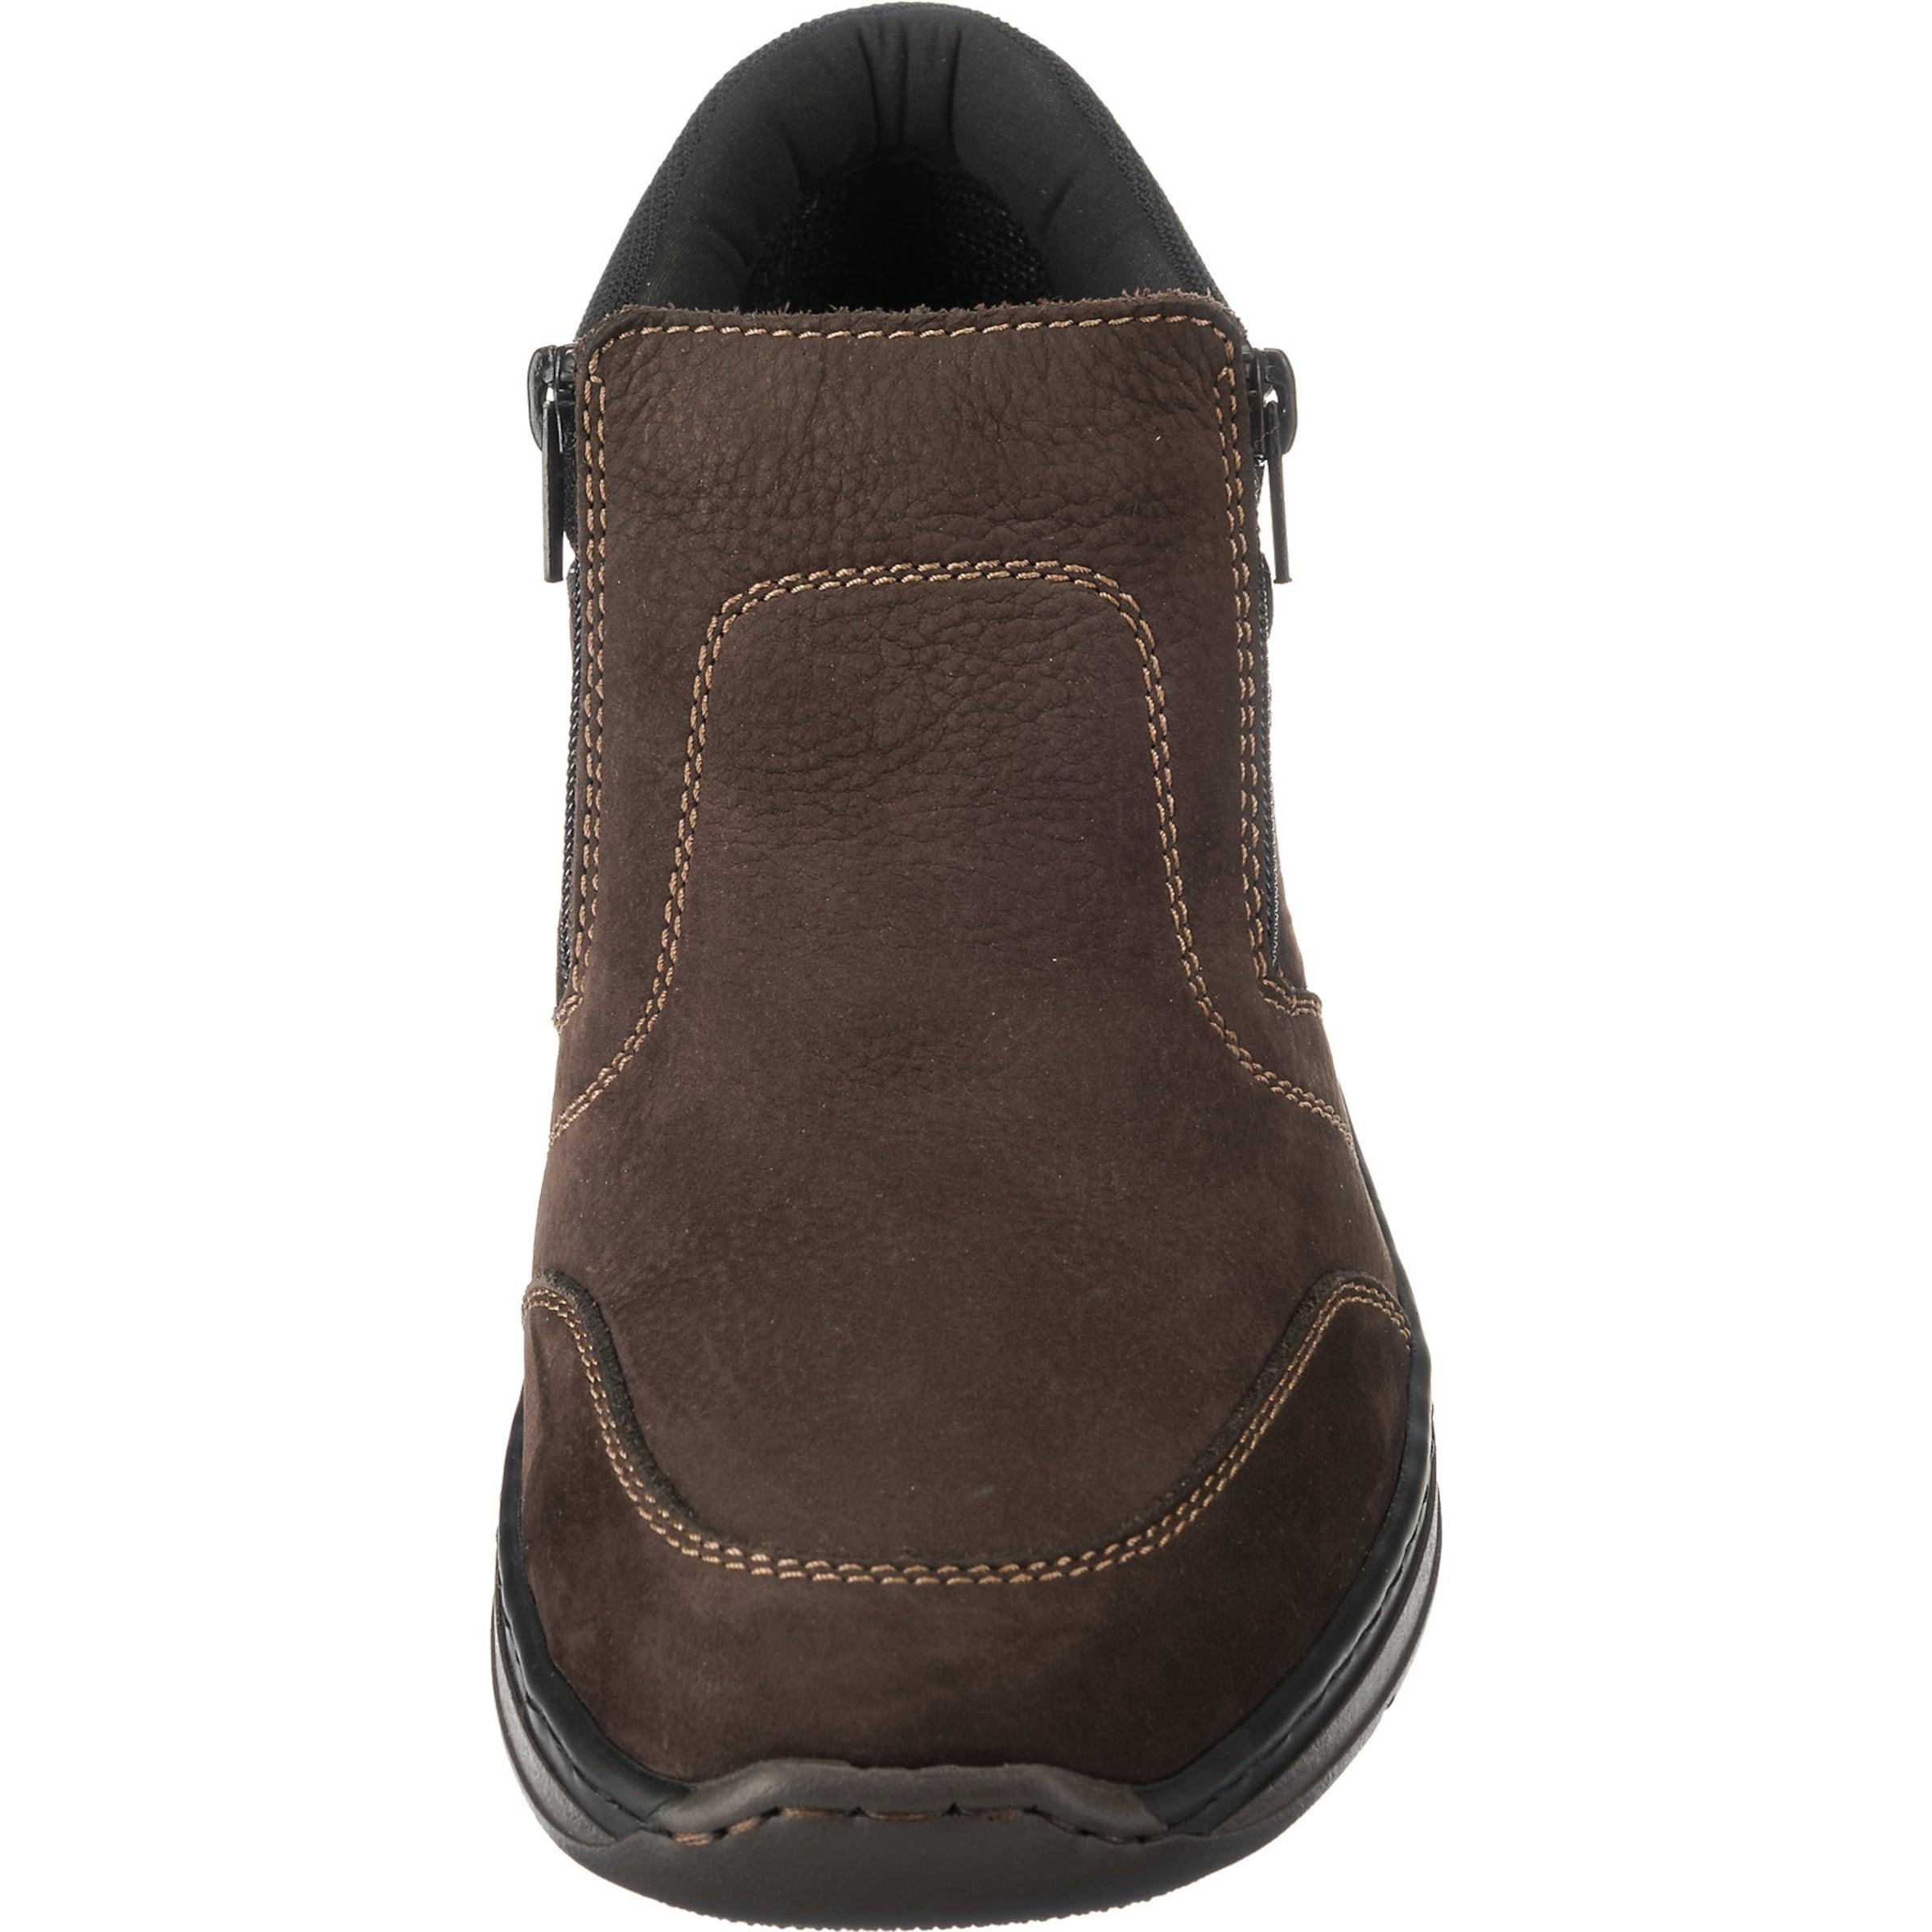 RIEKER Stiefeletten Leder, Textil Bequem, gut gut gut aussehend 00631a